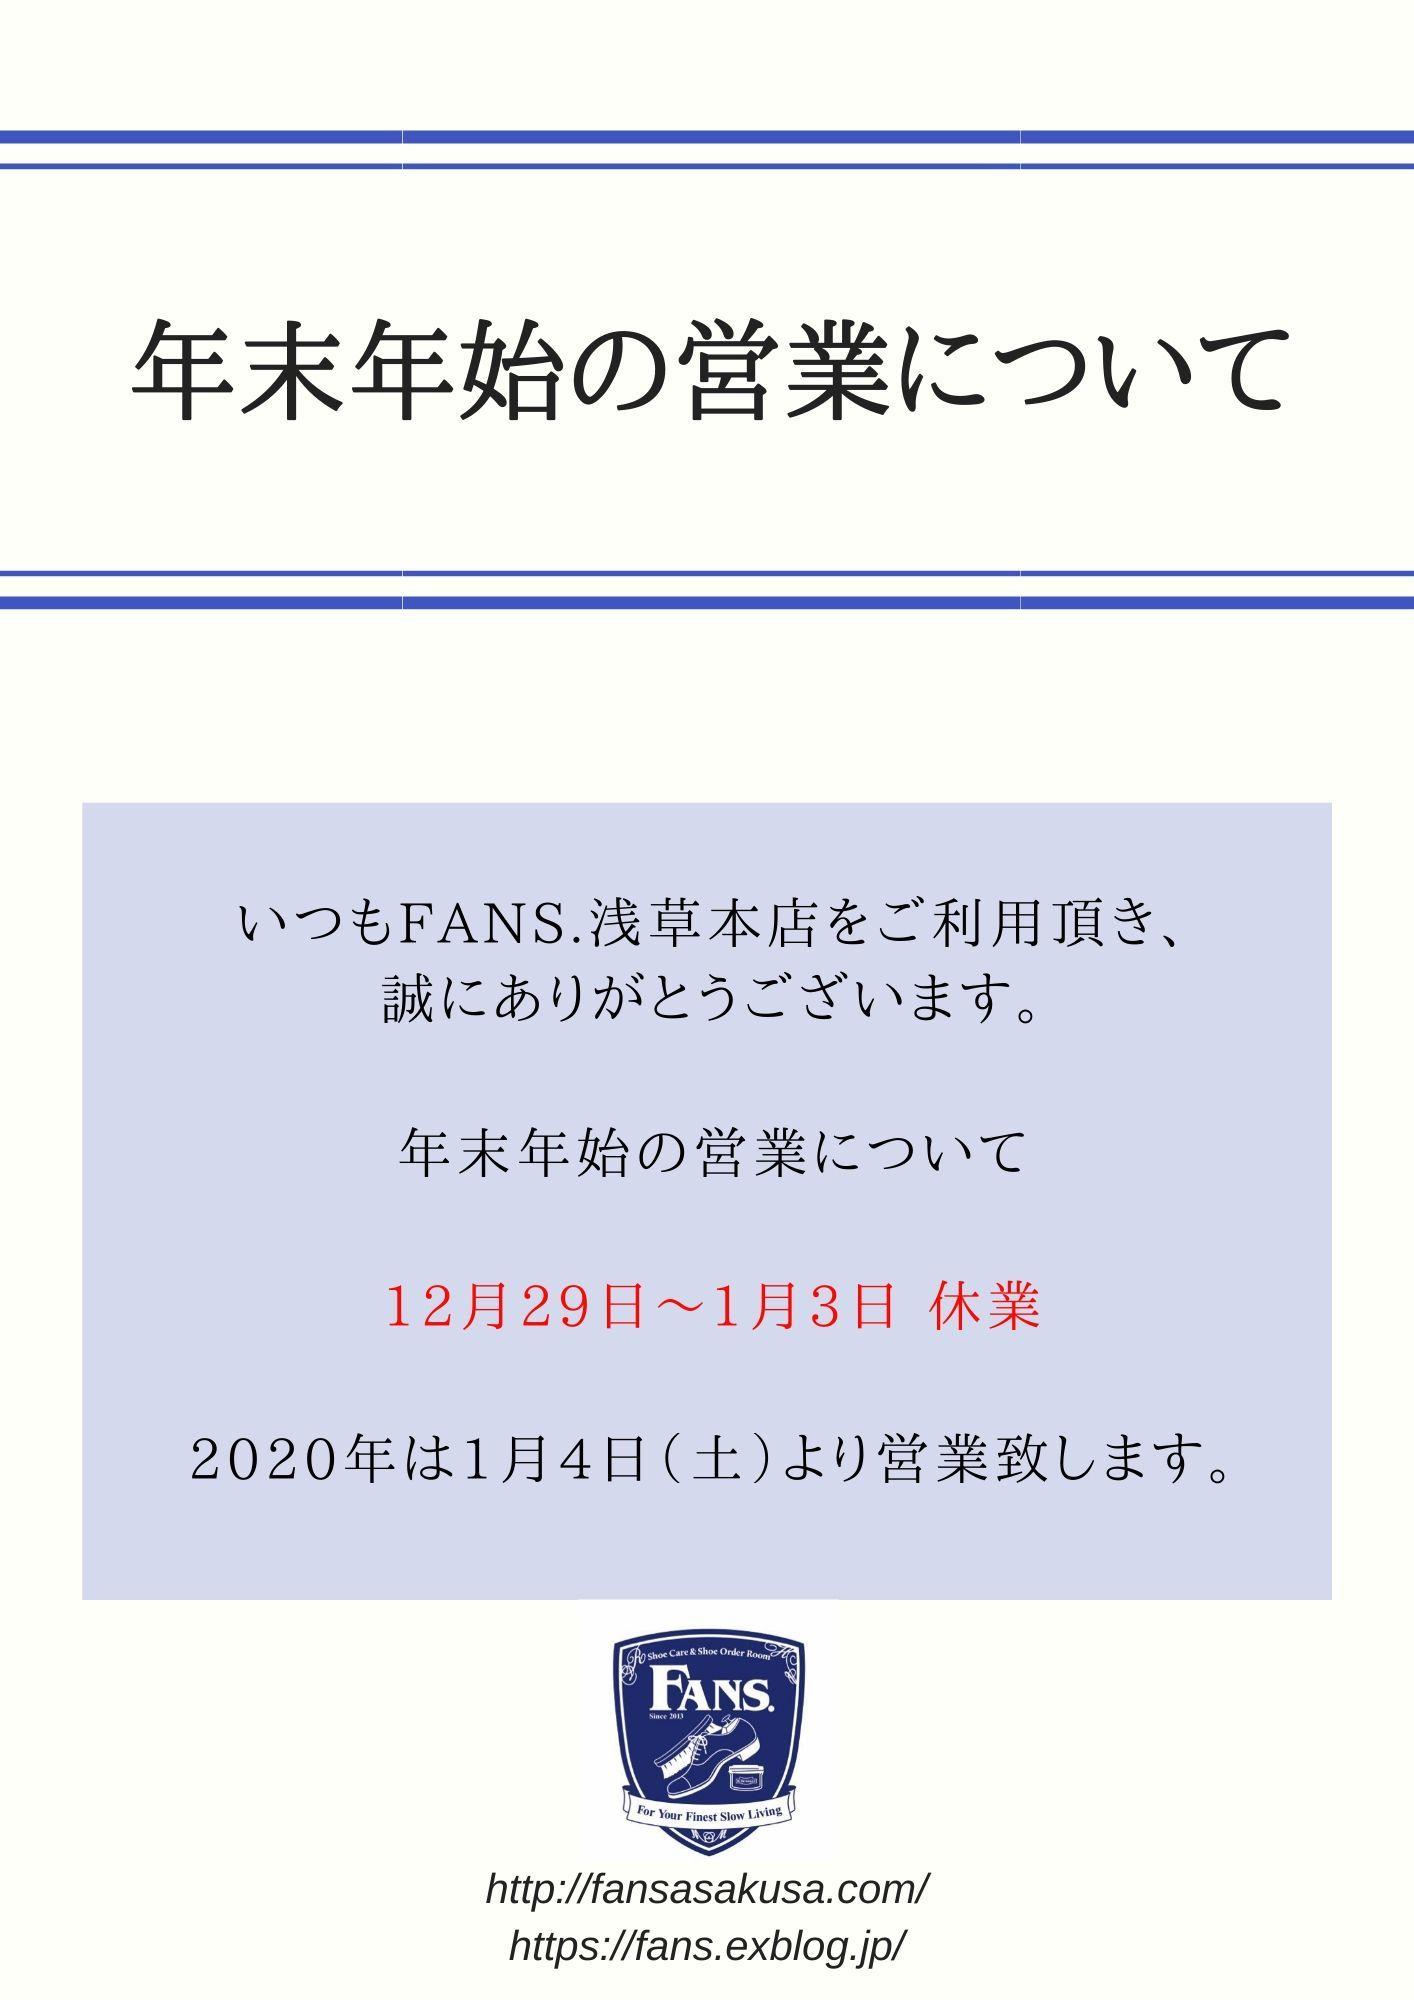 年末年始の営業について 2020年は1月4日(土)から_f0283816_11521843.jpg